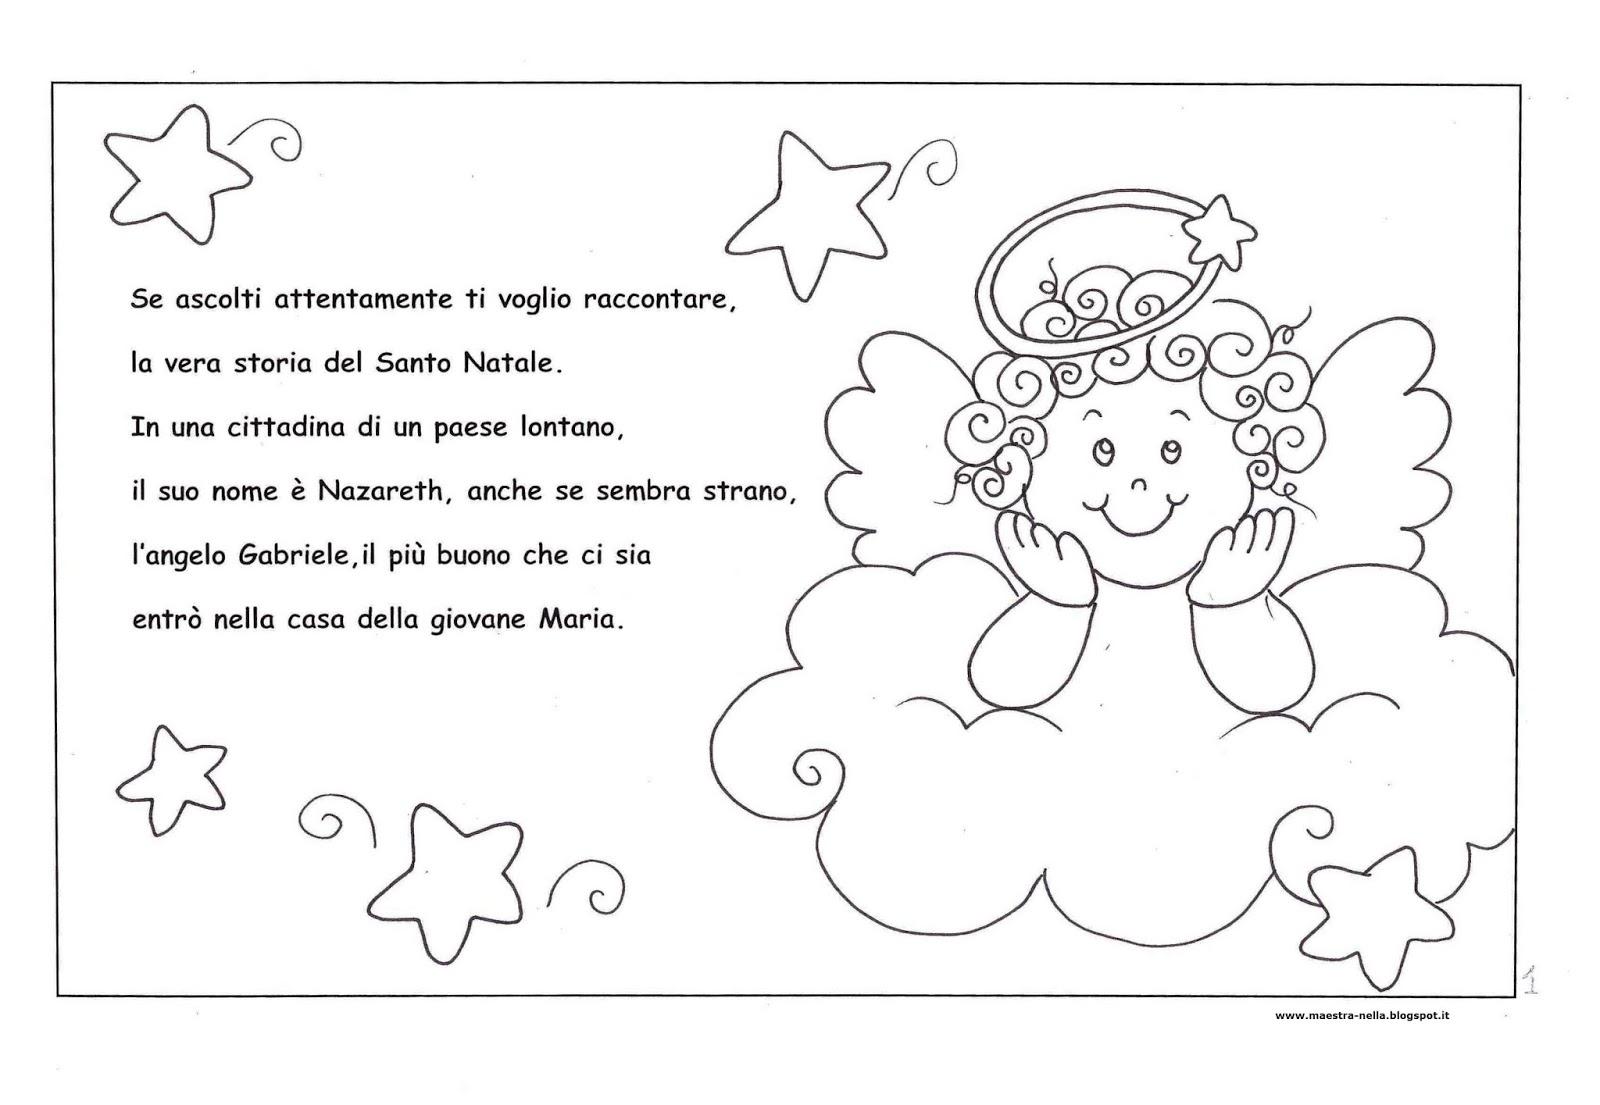 Maestra Nella Storia Del Santo Natale